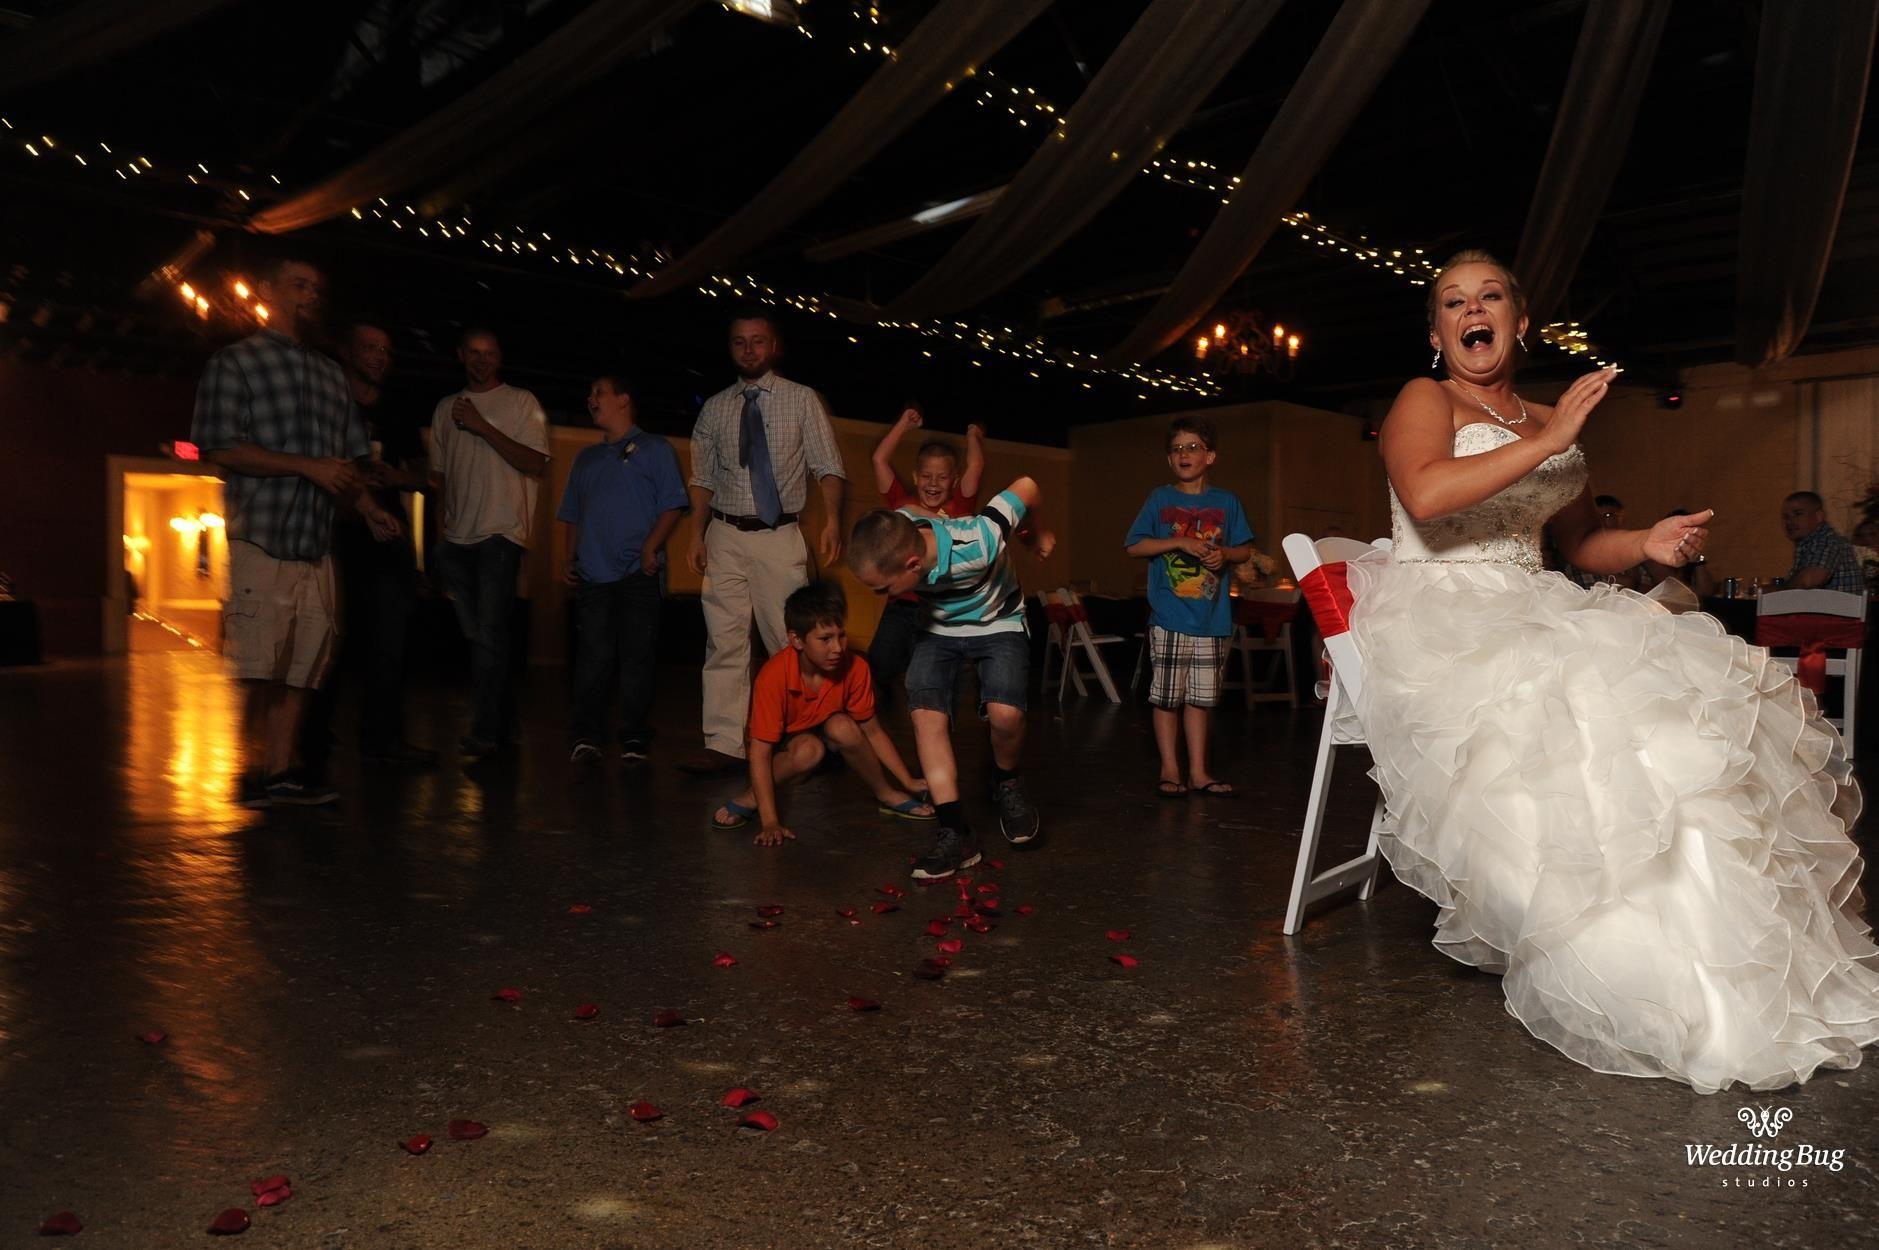 The Wedding Of Tessa Widows And Dean Howe American Wedding Wedding My Wedding Day